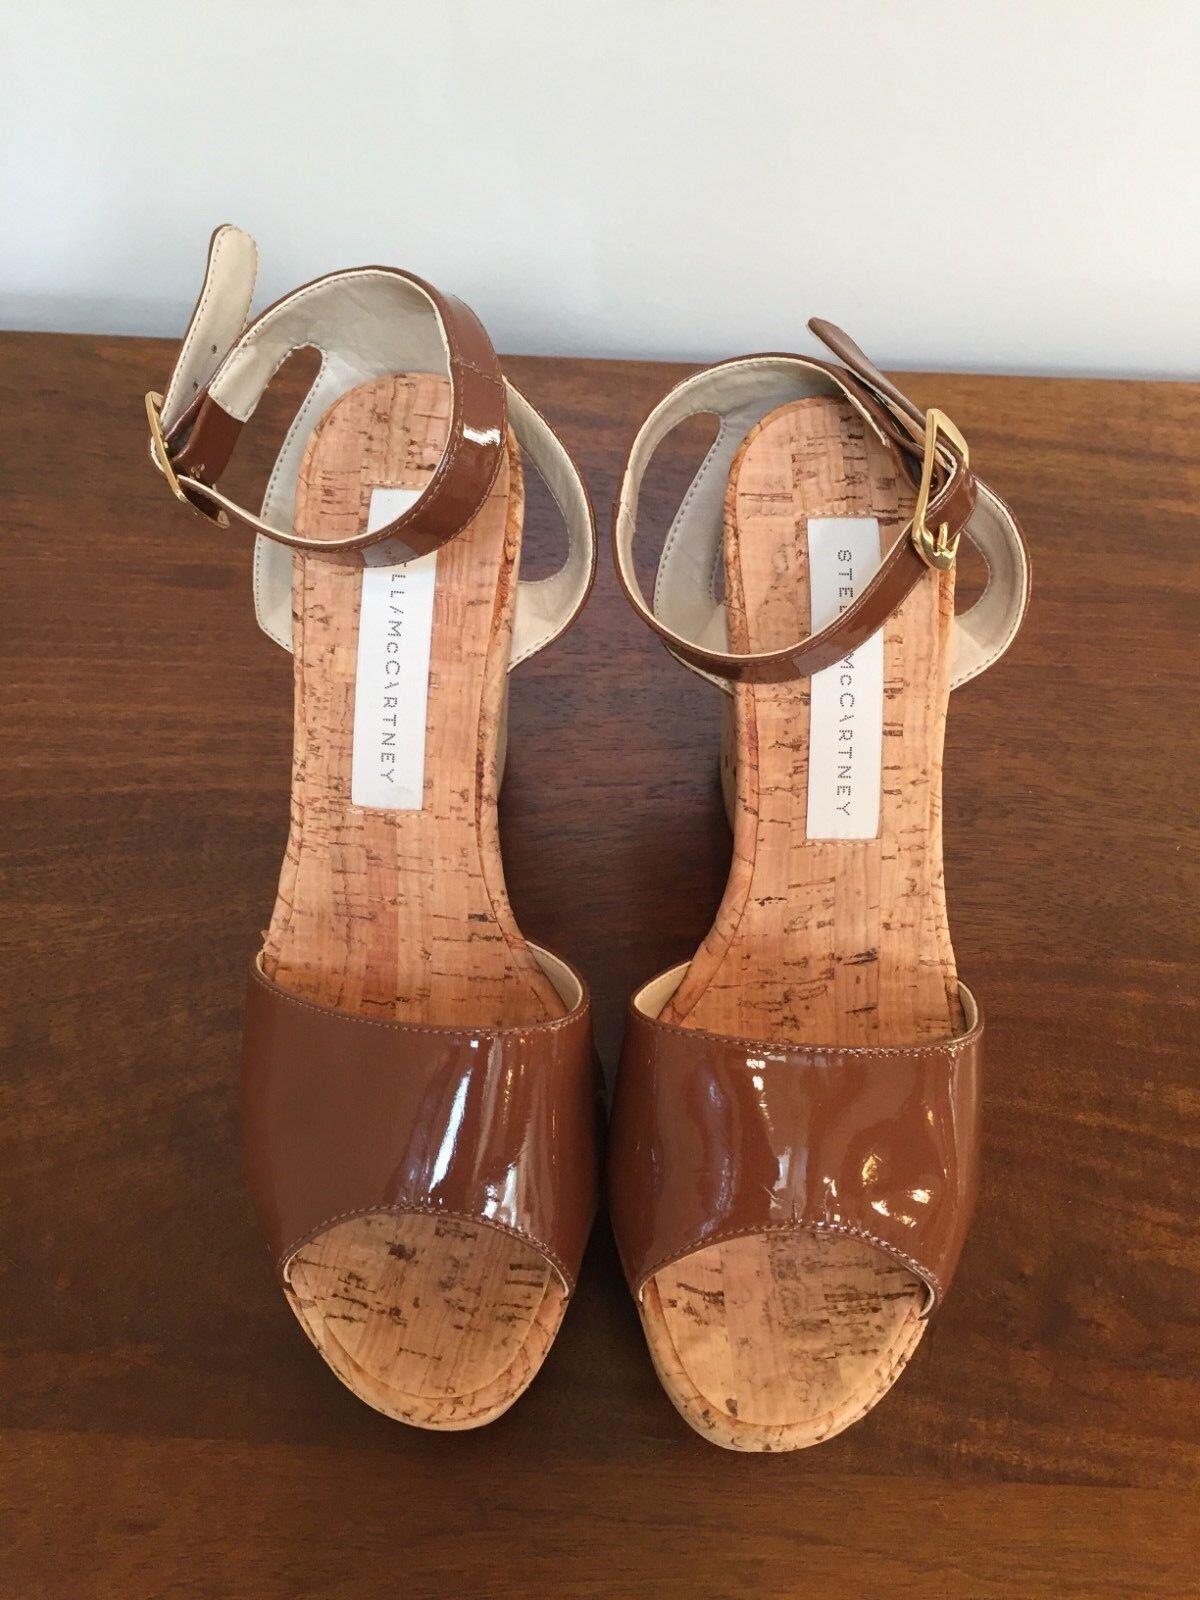 Stella McCartney CORK PLATFORM SANDALS Patent Brown  Size 37